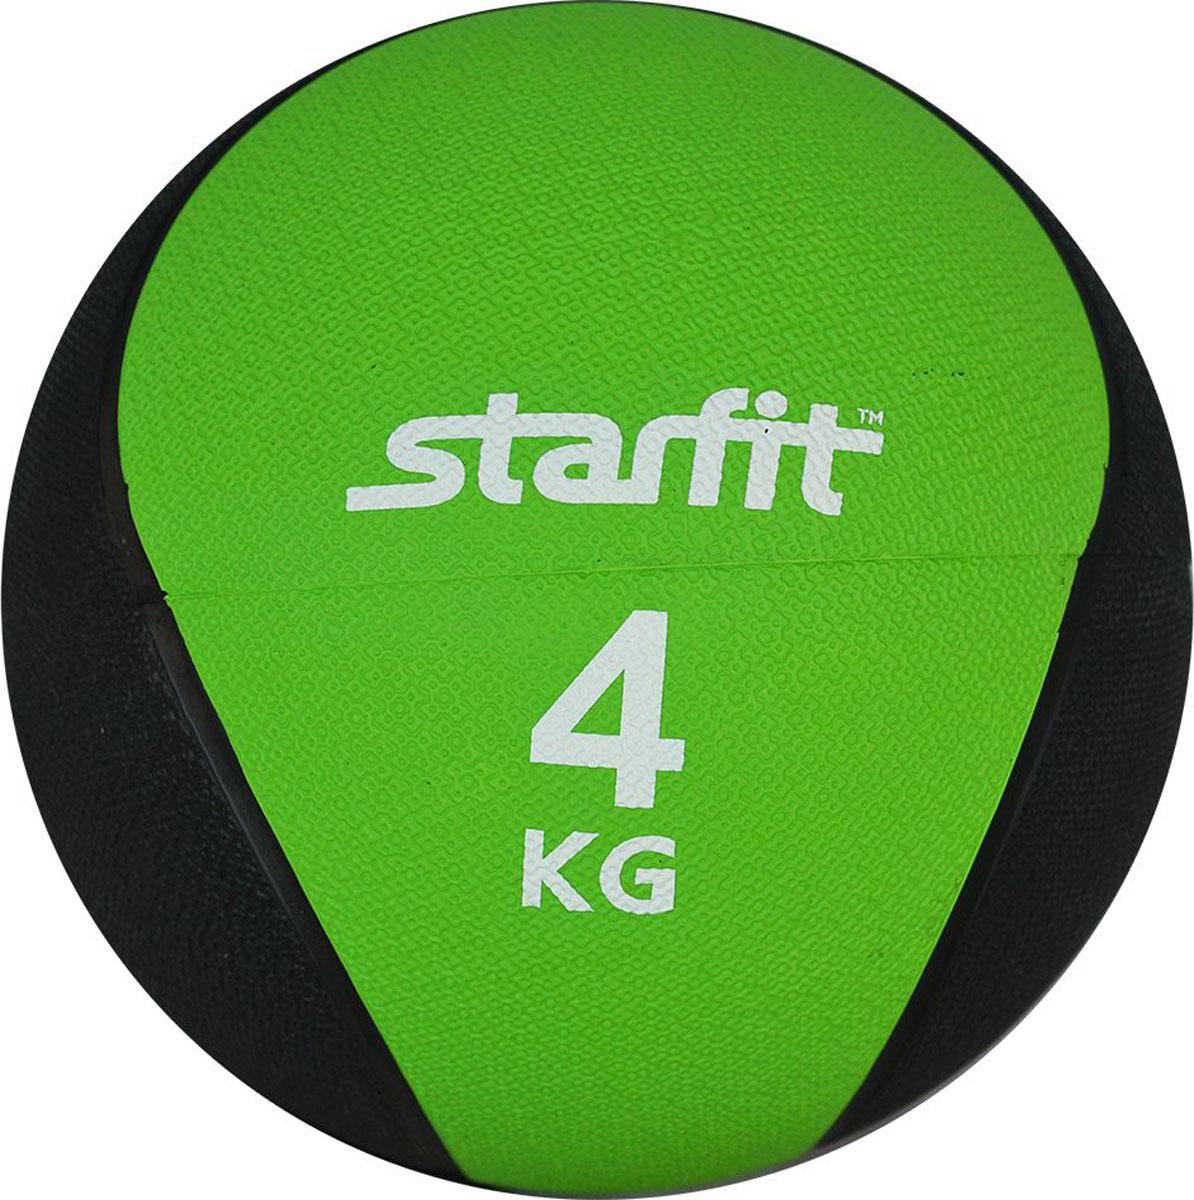 Медицинбол Starfit Pro GB-702, цвет: зеленый, 4 кгУТ-00007301Медбол PRO GB-702 - это важный аксессуар для функциональной тренировки тела. Серия медболов PRO Starfit отличается повышенной плотностью и жесткостью поверхности, а также ярким цветным дизайном.Медбол используют в групповых программах, функциональном тренинге, бодибилдинге и фитнесе. Также его используют профессиональные спортсмены в единоборствах. Помогает в тренировке мышц кора (пресса), мышц рук, грудной клетки, спины, плеч, ног и ягодиц. Фактически с помощью него можно провести полноценную тренировку для всего организма.Характеристики:Материал: ПВХНаполнитель: цементВес, кг: 4Диаметр, см: 22,8Цвет: черный, зеленыйКоличество в упаковке, шт: 1Производство: КНР